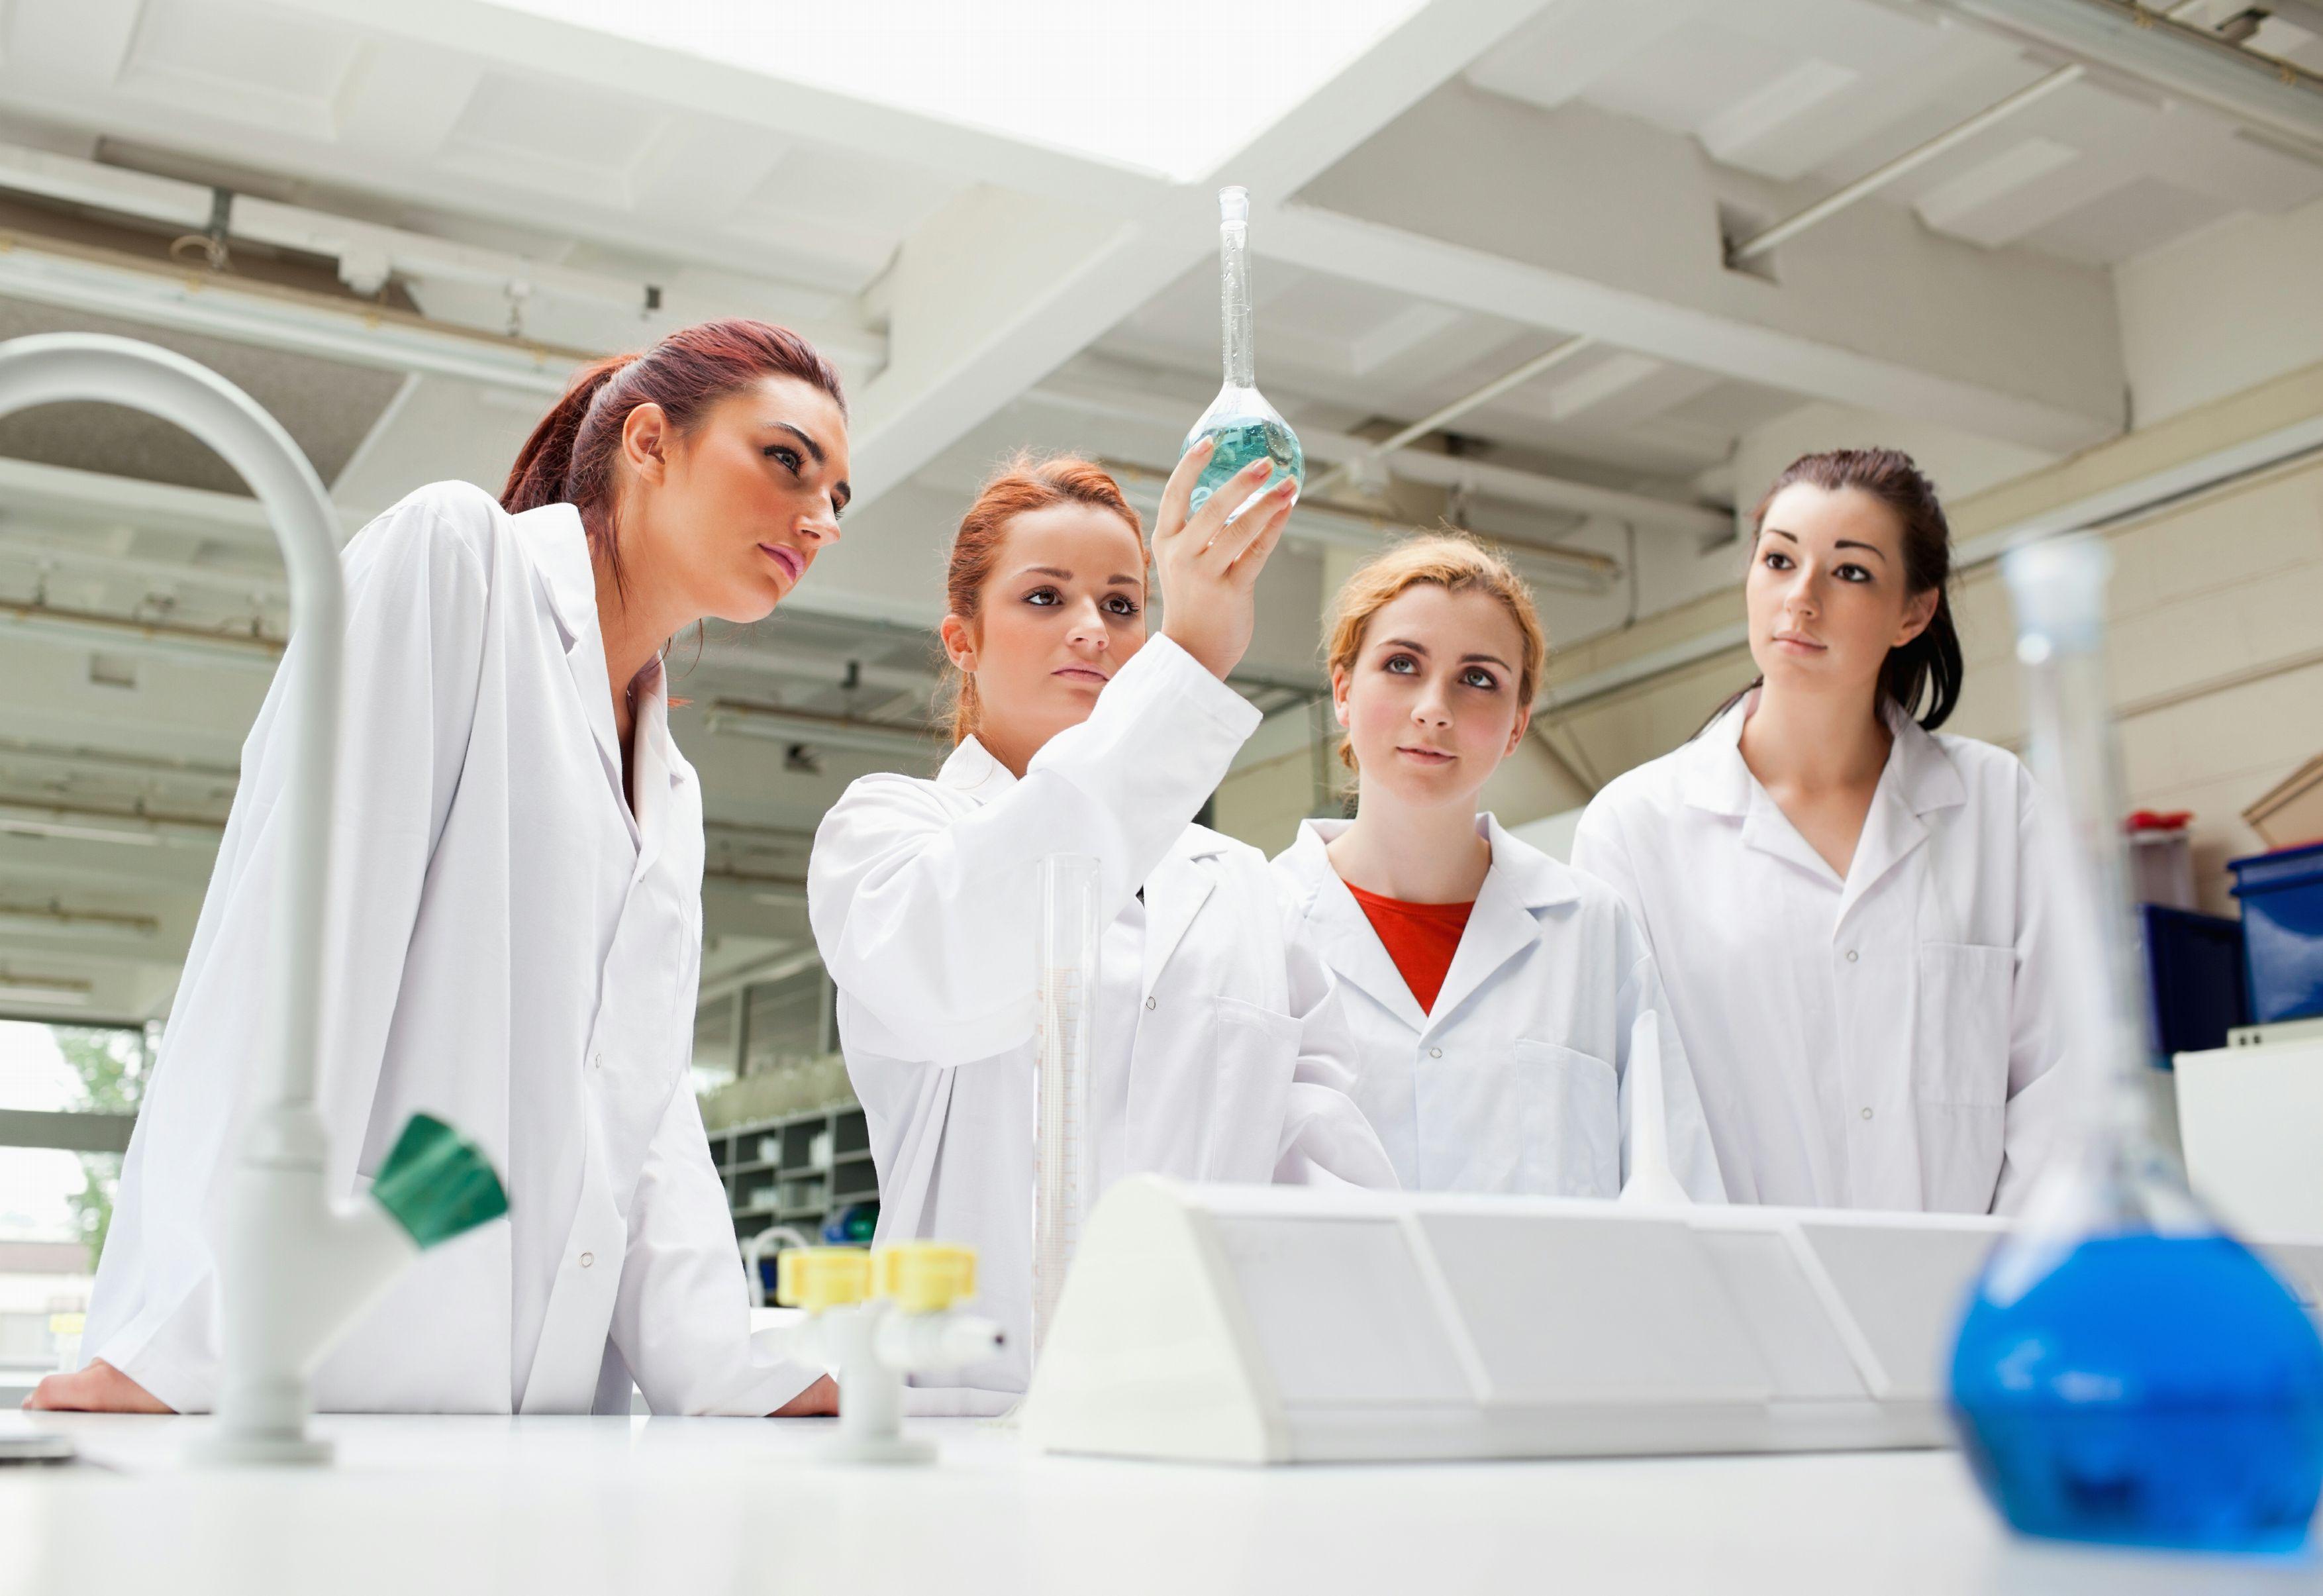 仿制药全球化?行业大变革或将来临